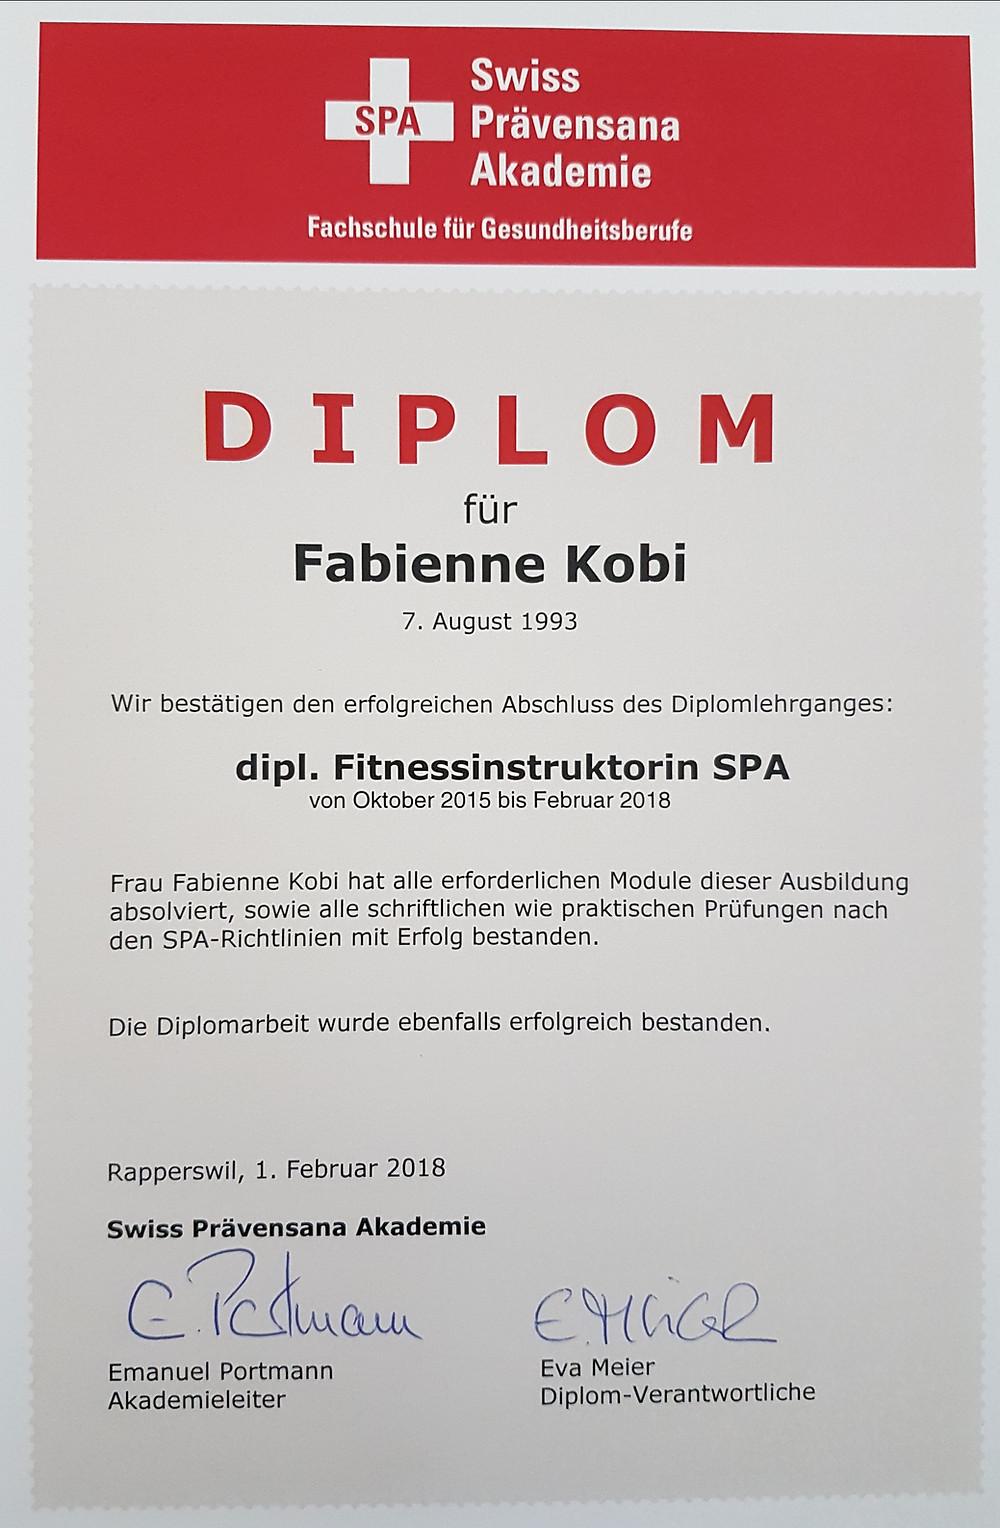 Ernährungsberatung, Ernährungstherapie und FItnessberatung in  Lyss, Fabienne Kobi, Diplom, dipl. Fitnessinstruktorin SPA